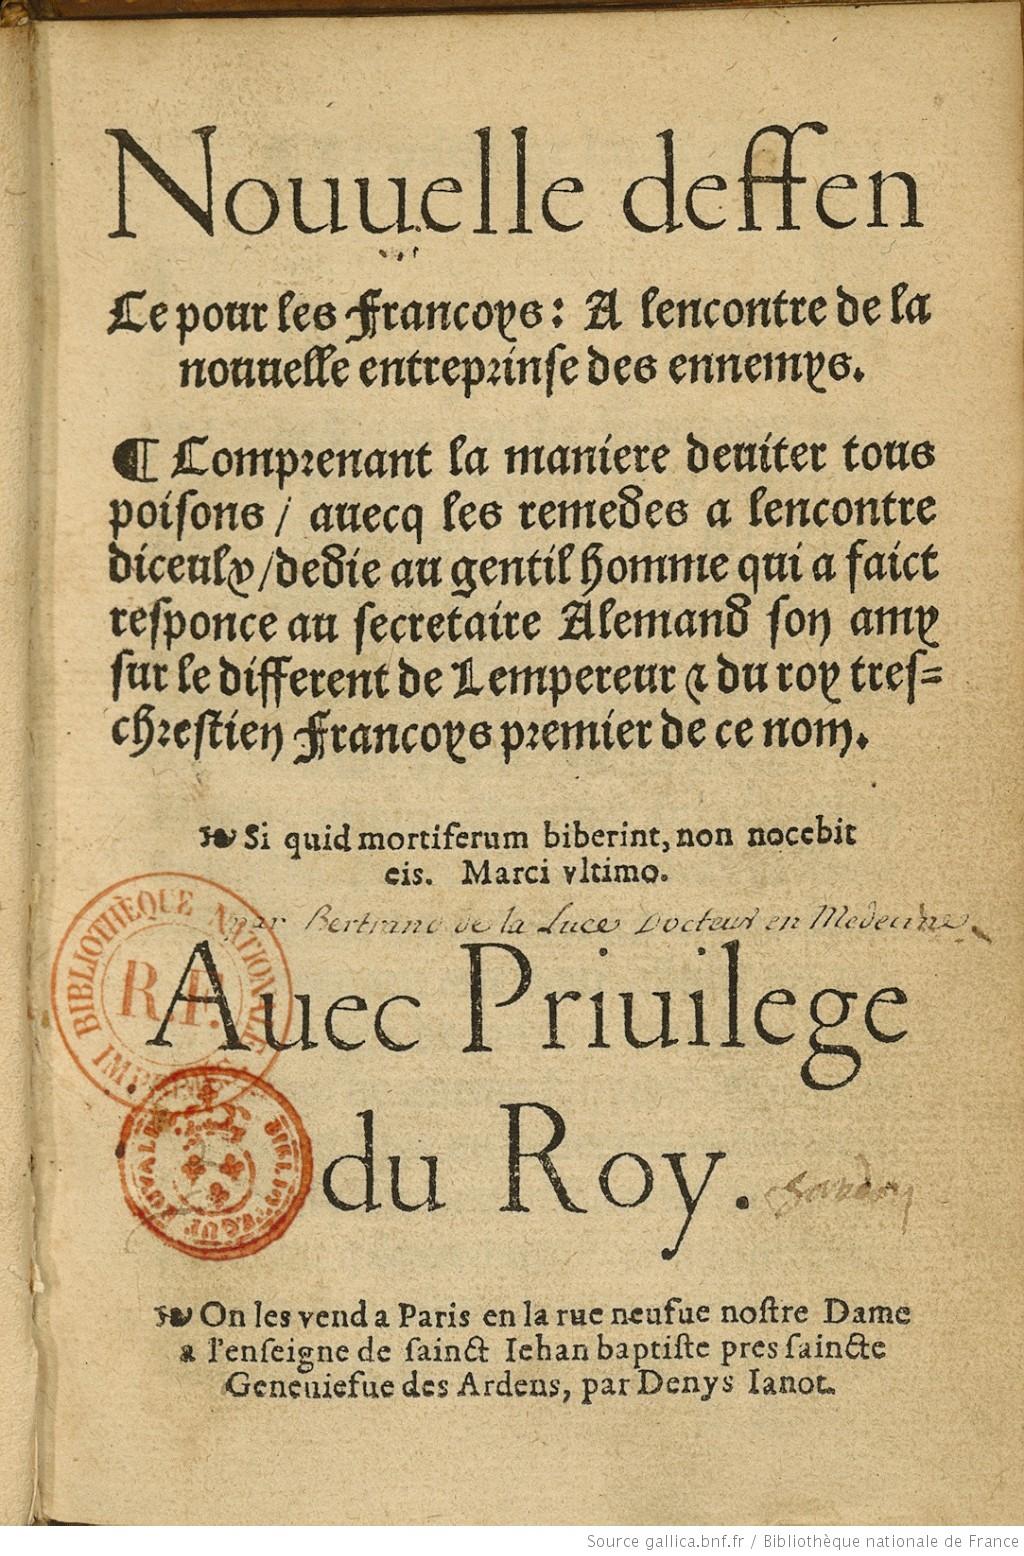 Nouvelle deffence pour les francoys [...], 1537. BnF, Réserve des livres rares.